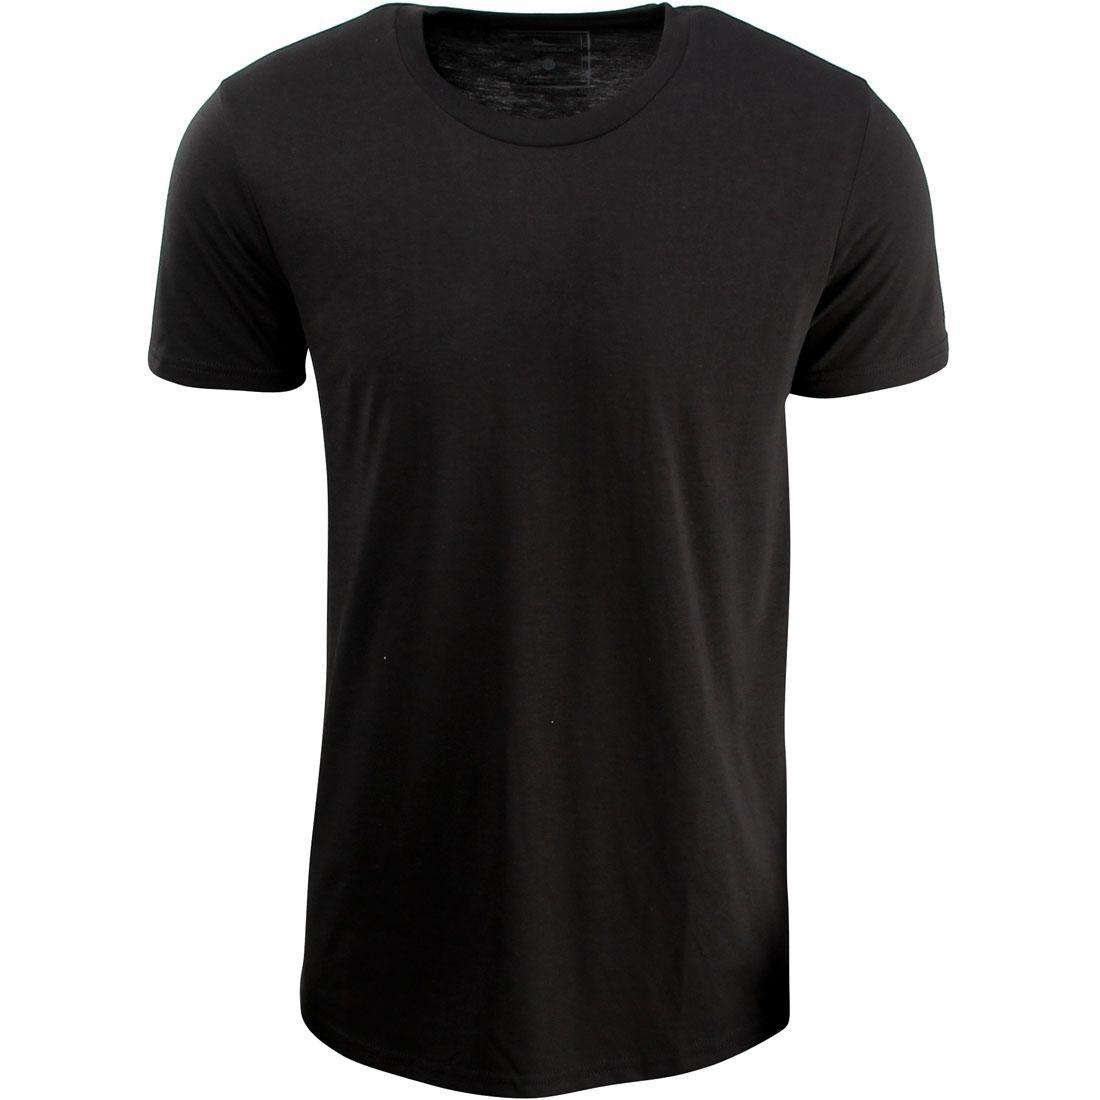 テック Tシャツ 黒 ブラック 【 BLACK BRANDBLACK MEN TECH TEE 】 メンズファッション トップス Tシャツ カットソー